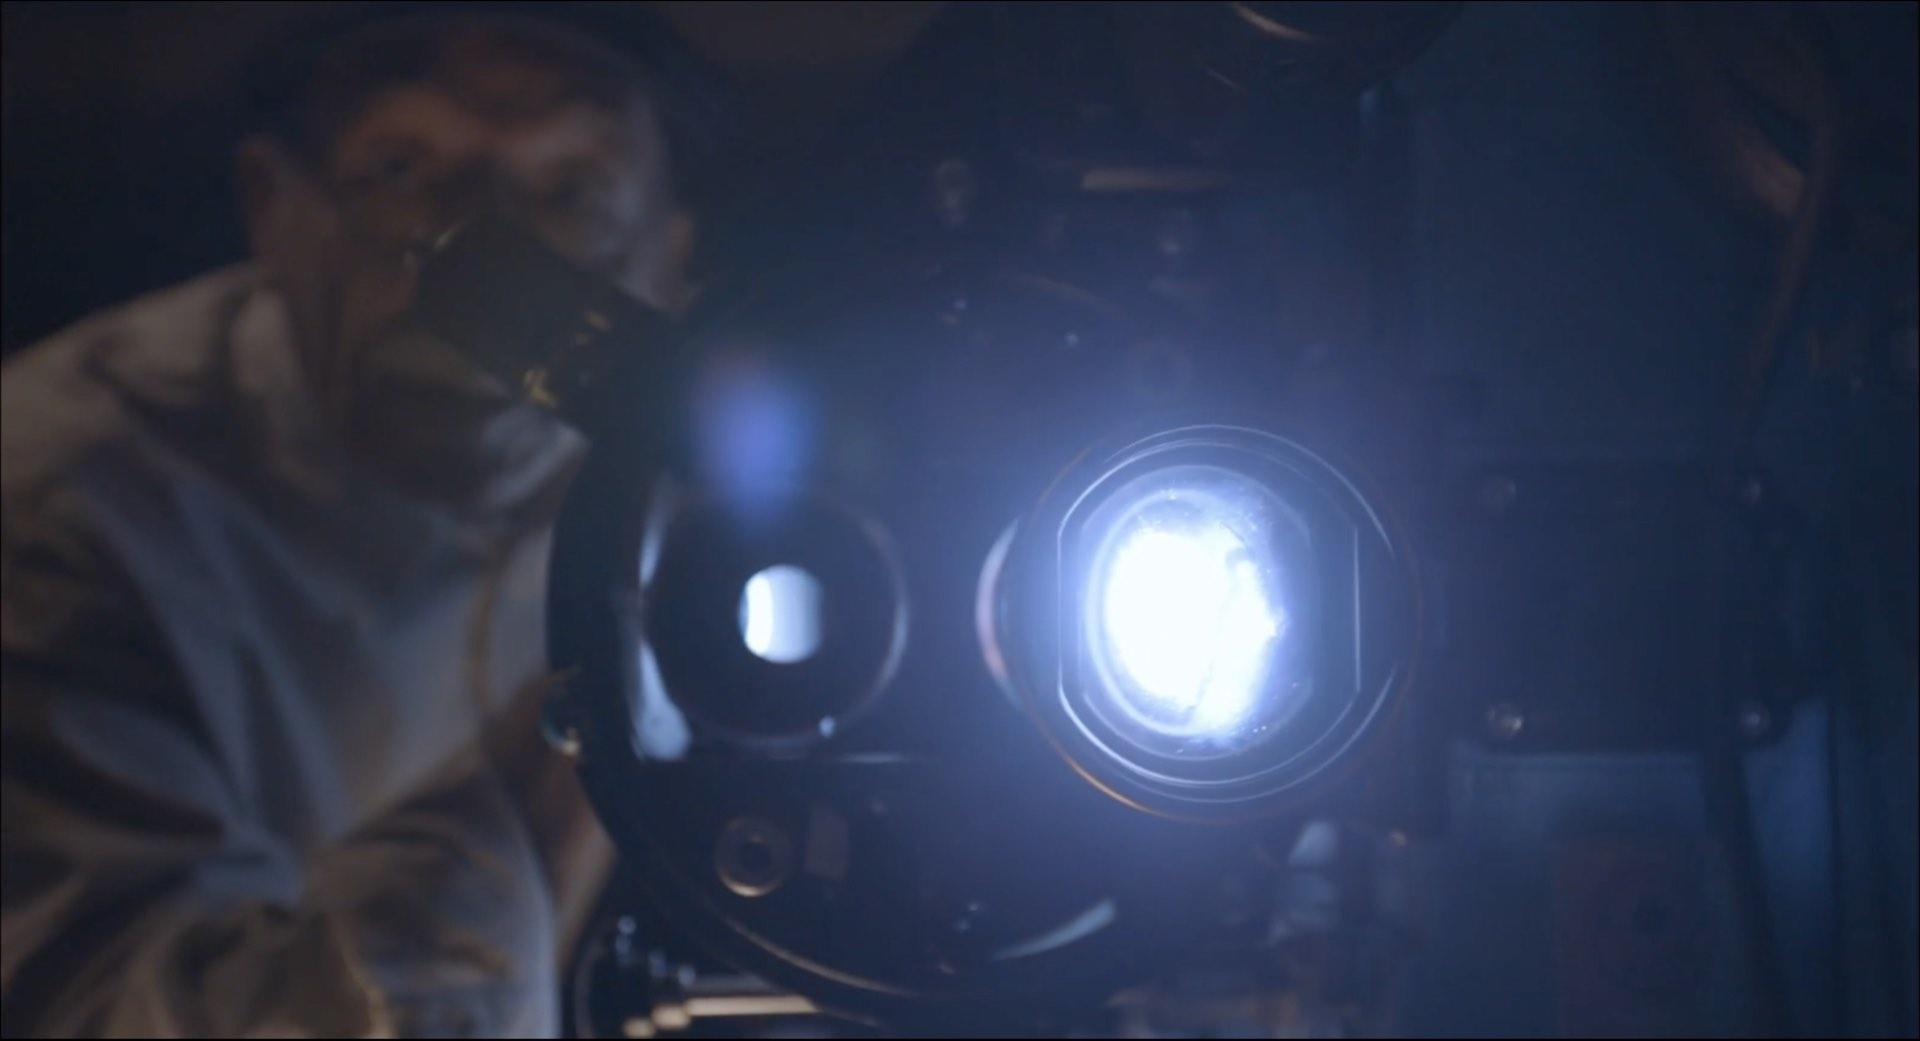 Manuale di storie dei cinema_Still 3 hq web